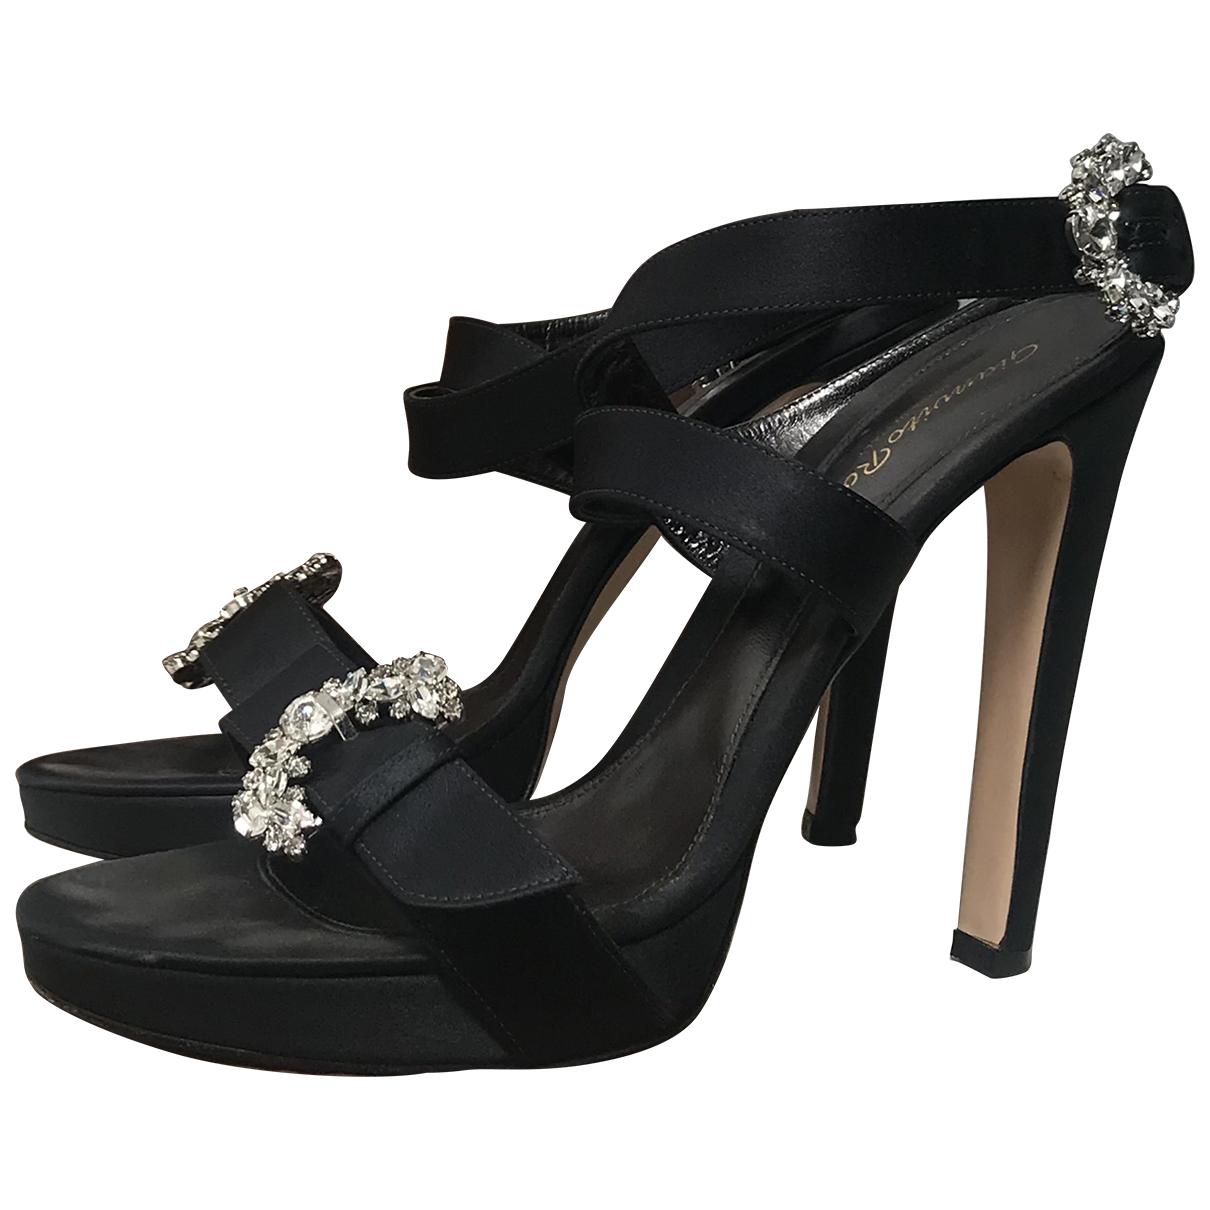 Gianvito Rossi - Sandales   pour femme en cuir - noir